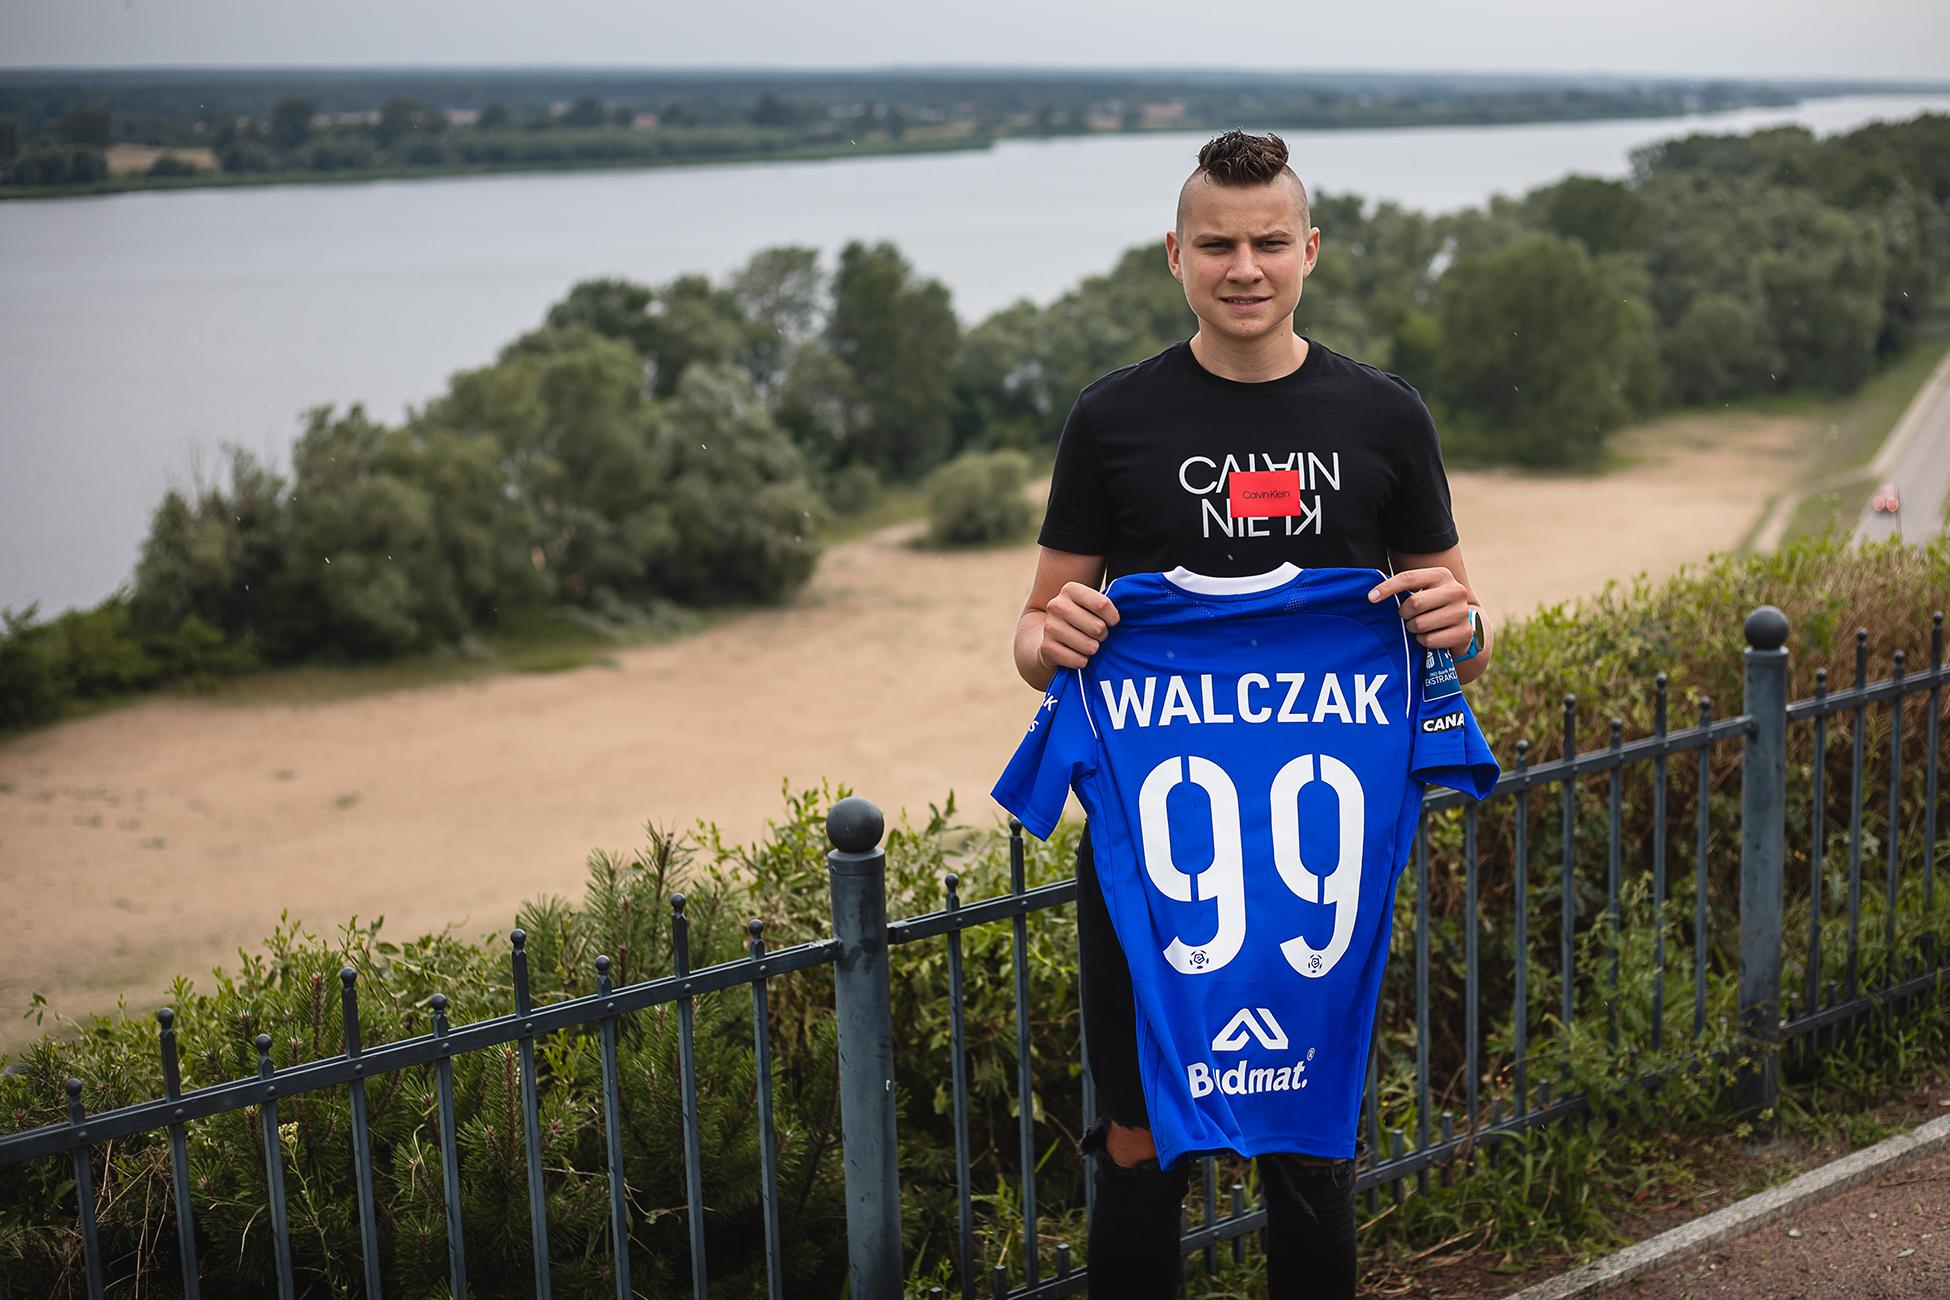 Urodzony w Płocku, ale na treningi dojeżdżał do Warszawy. Teraz podpisał kontrakt z Wisłą  - Zdjęcie główne